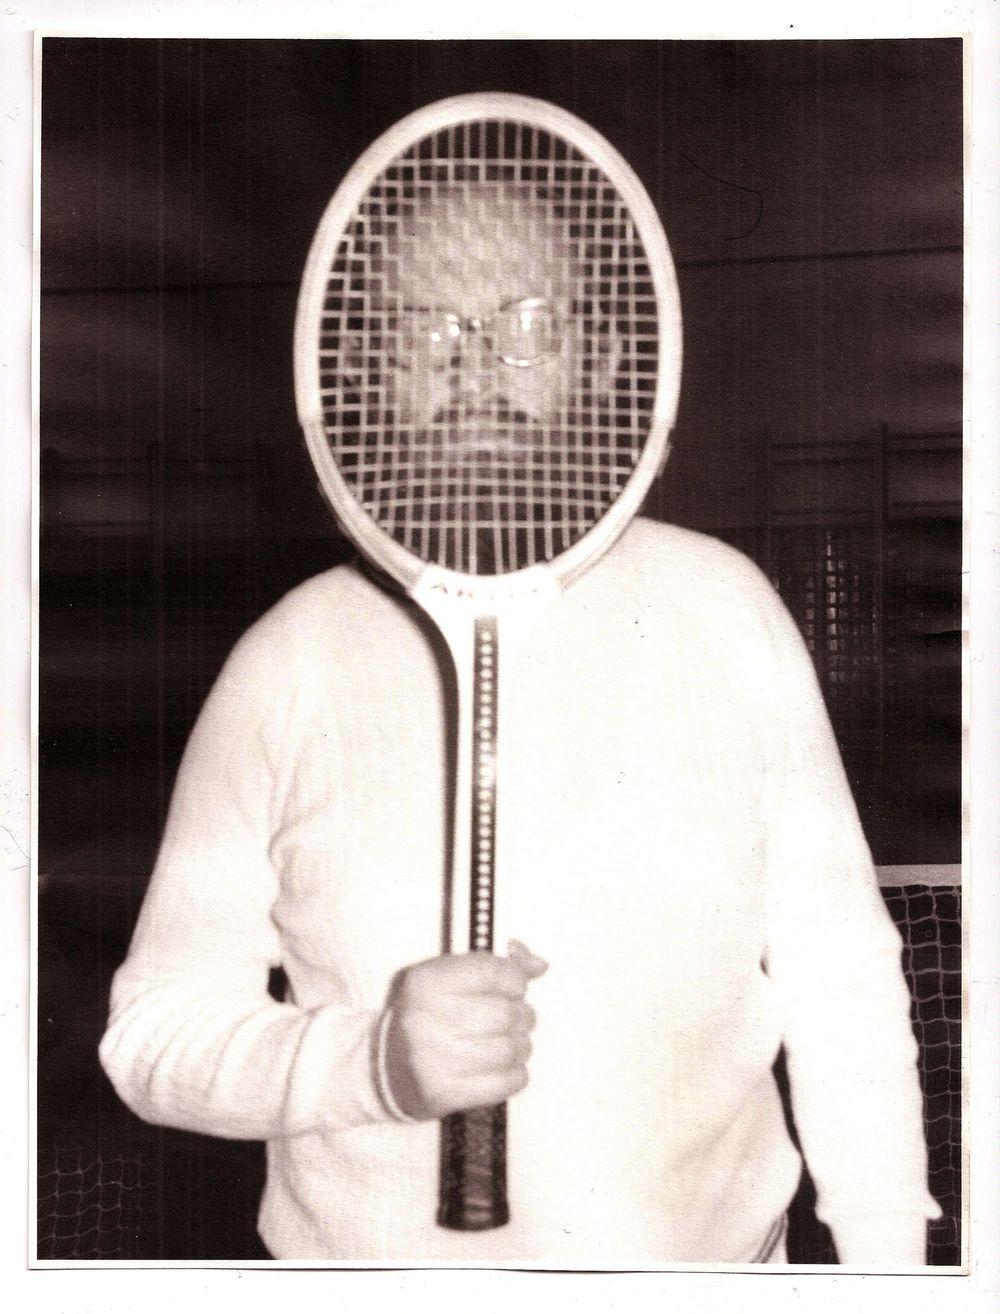 Julius Koller, U.F.O. naut J.K. U.F.O. 1981, courtesy Collezione Enea Righi.